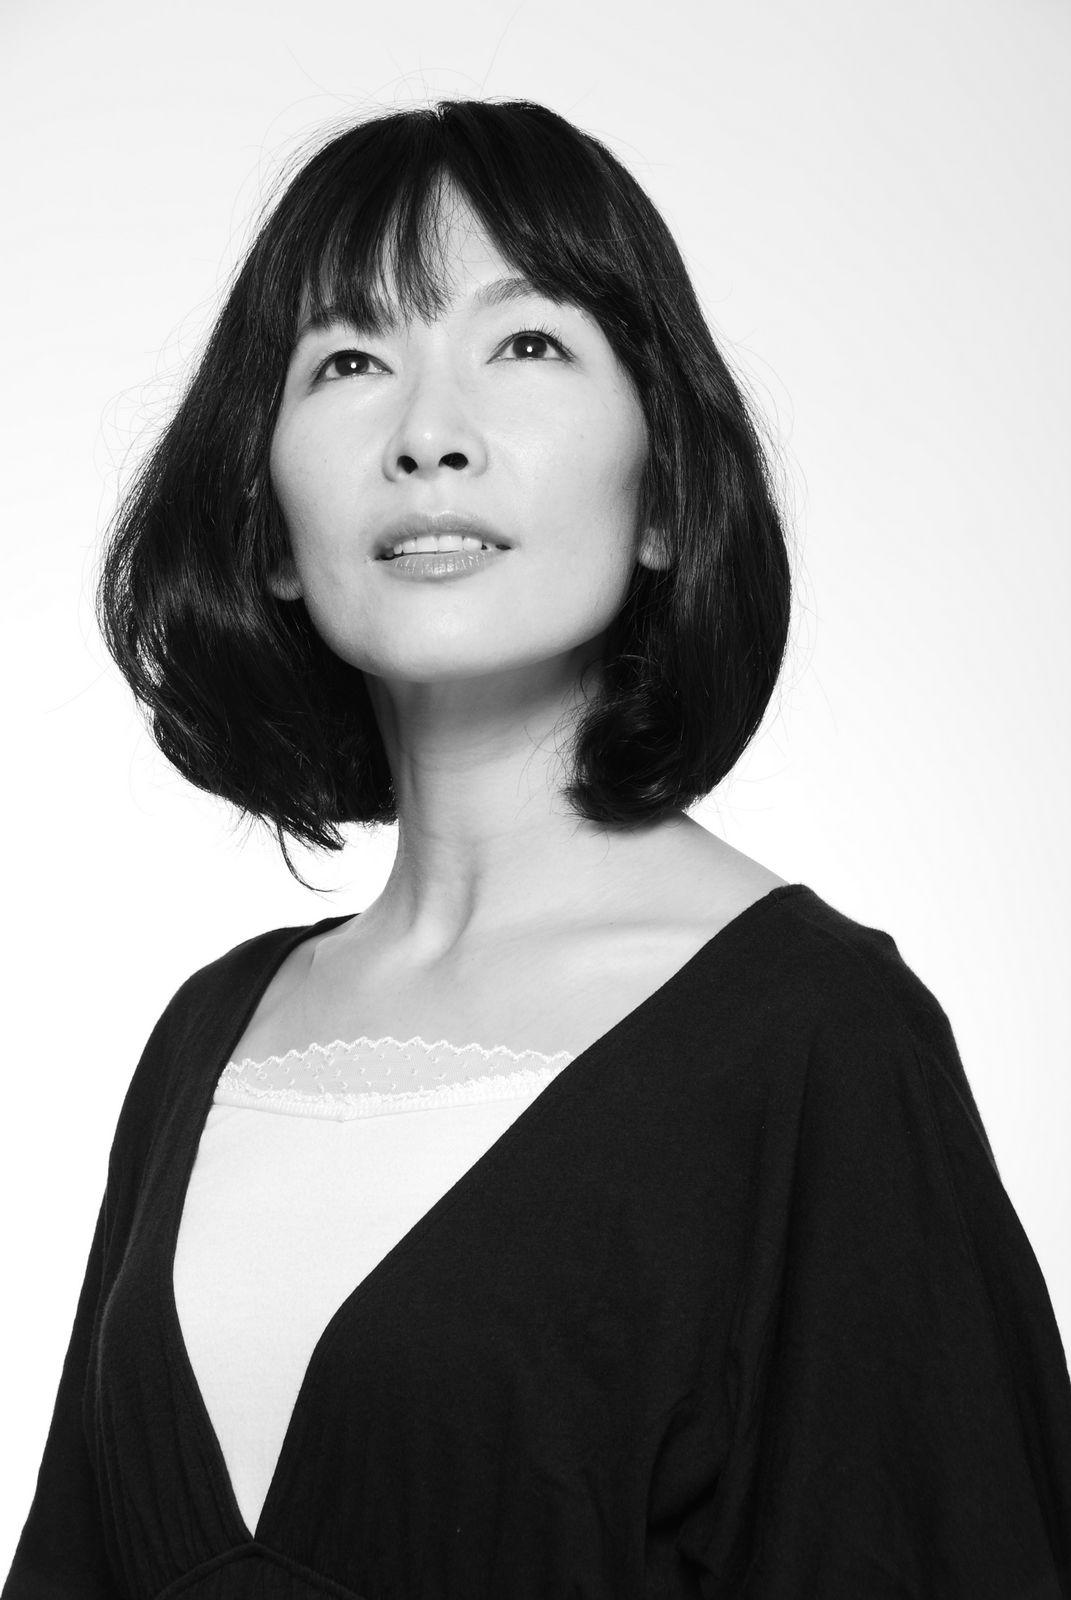 Actress Qyoko Kudo - age: 51